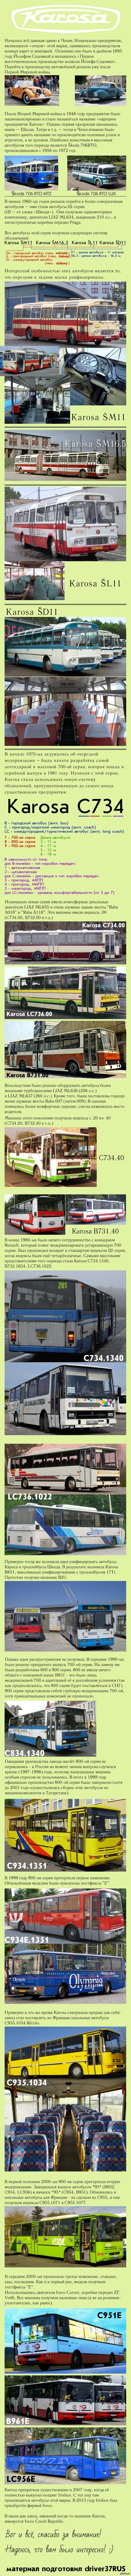 Karosa - автобусы детства Наверное, у каждого есть какая-то марка автобуса, которая напоминает о детстве... Решил рассказать об истории этой малоизвестной марки :)